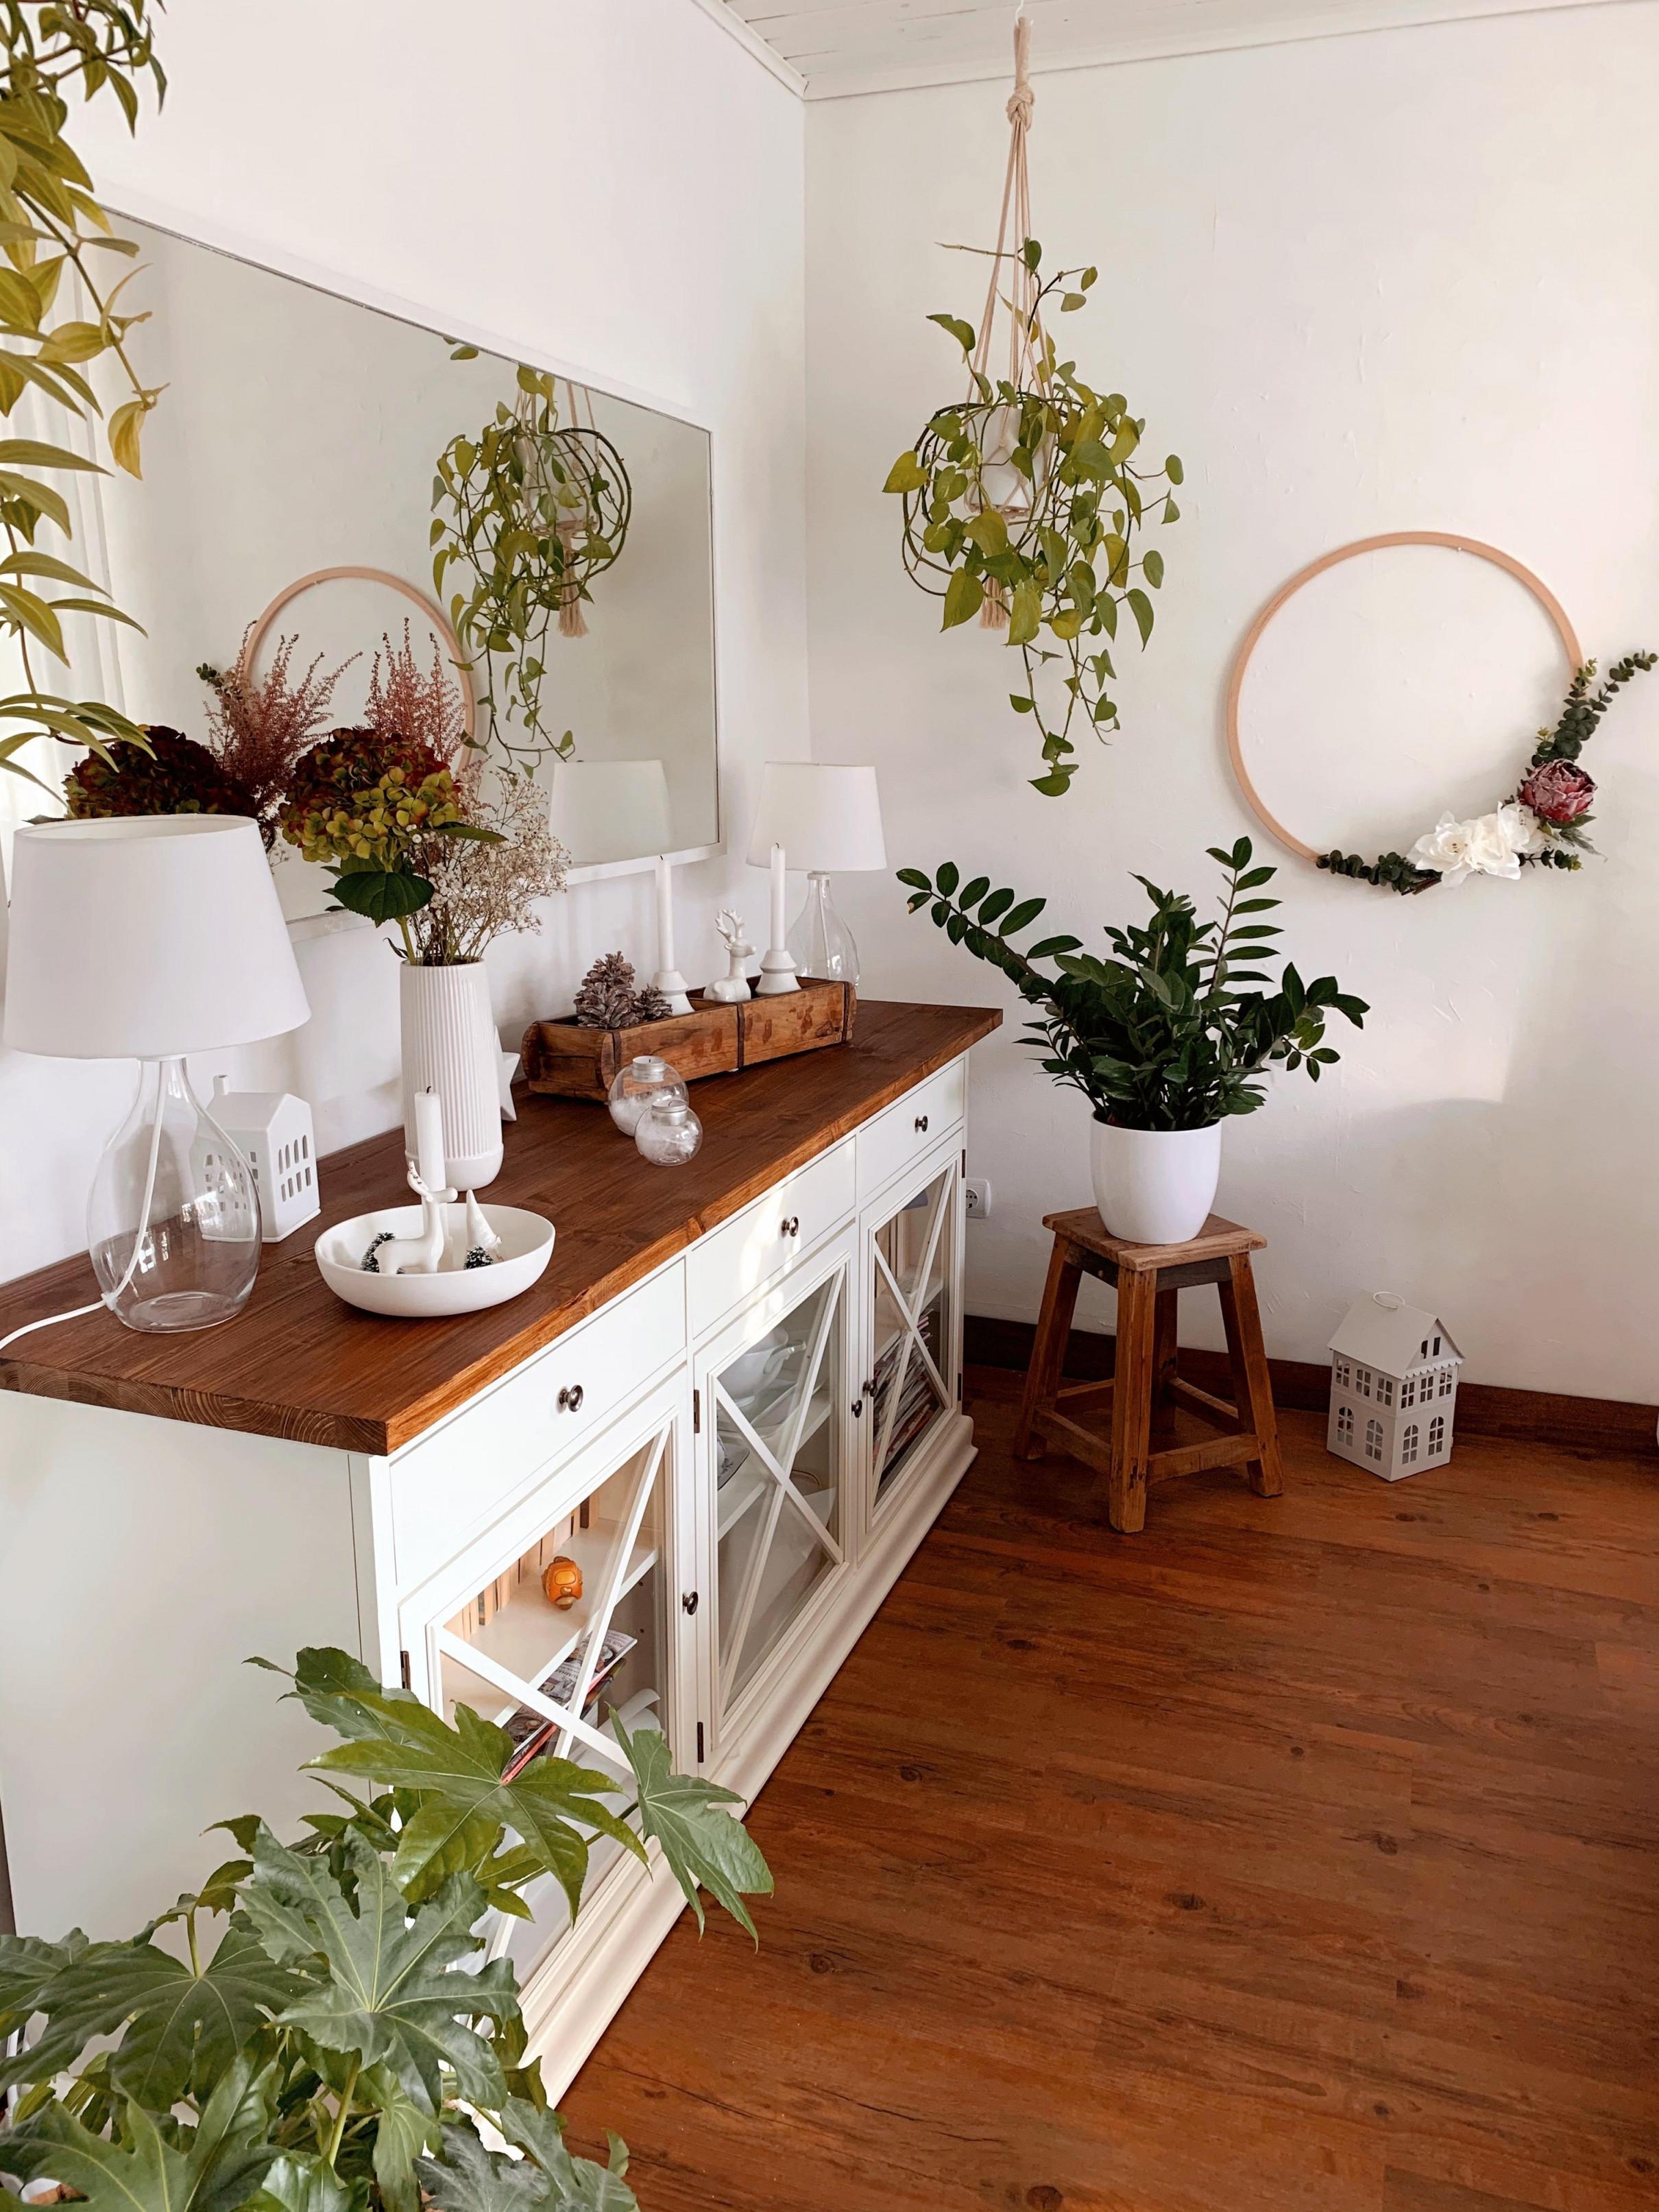 Wohnzimmer Landhaus Deko – Caseconrad von Deko Landhausstil Wohnzimmer Bild